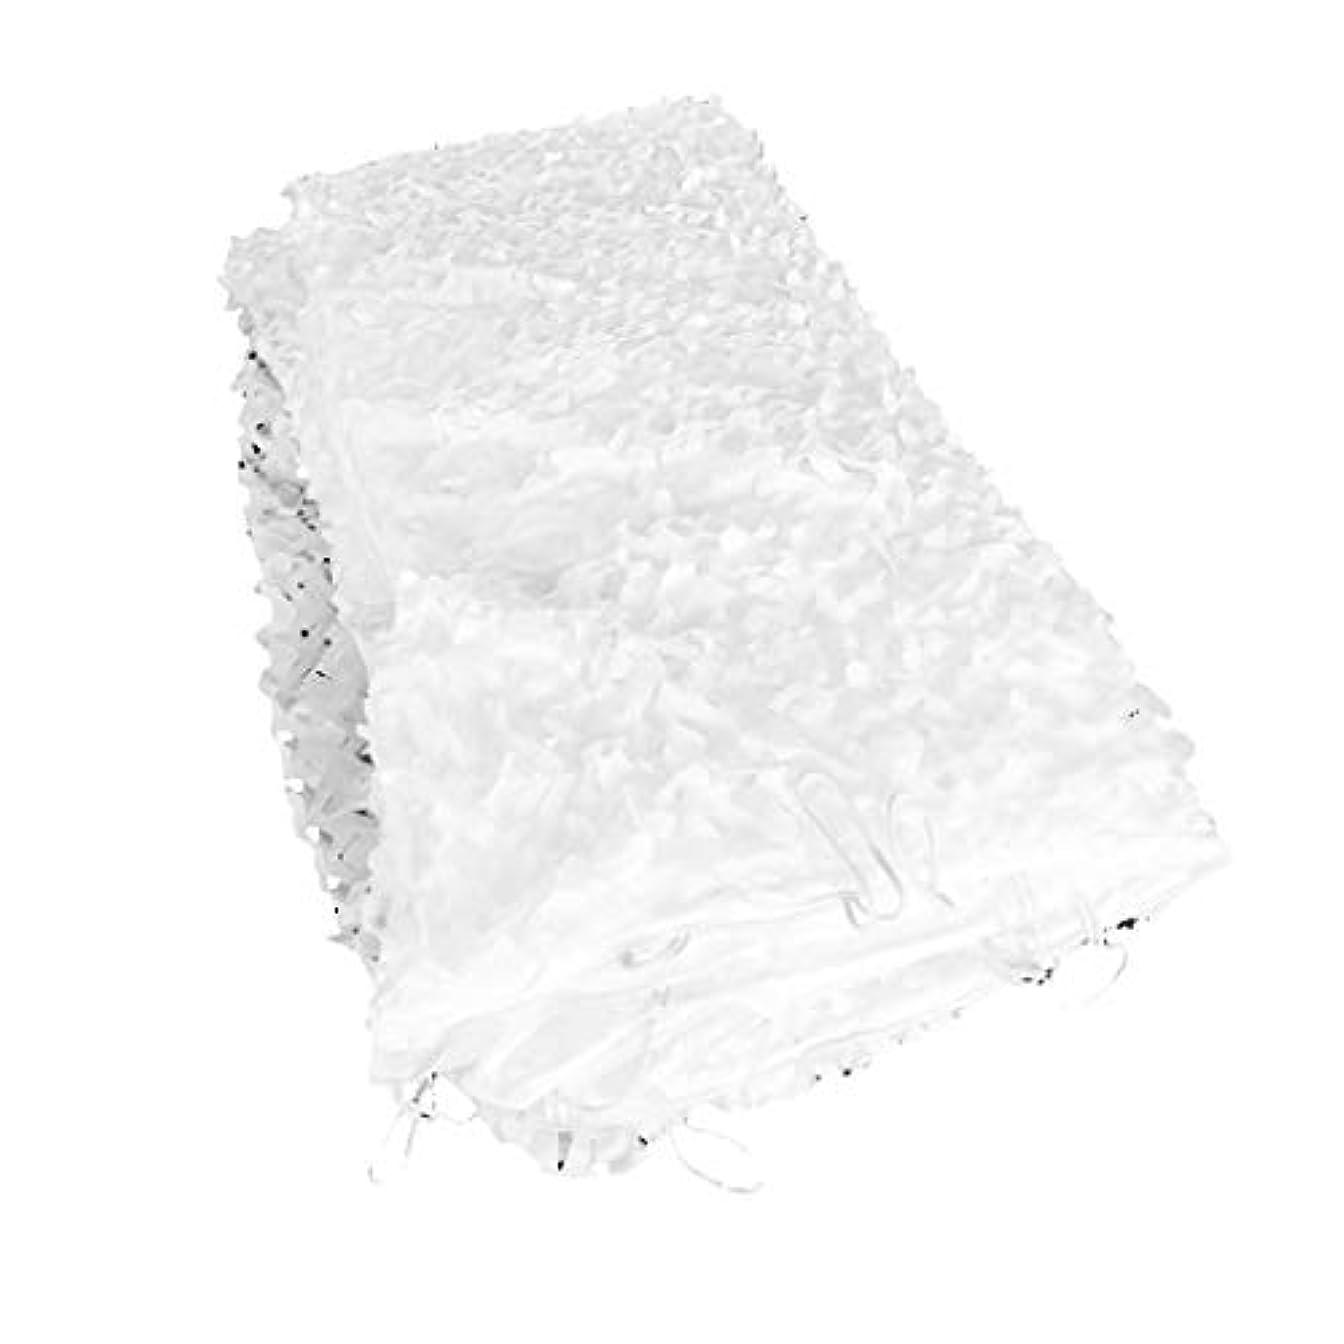 死ぬ期限ケイ素遮光ネット迷彩ネット 庭のフェンスシェード、日迷彩軍のネットワーク強化キャンプの写真オックスフォード布オーニングテント隠された広大な庭園の装飾白サイズプライベートバルコニー (Size : 2*20M(6.6*65.6ft))